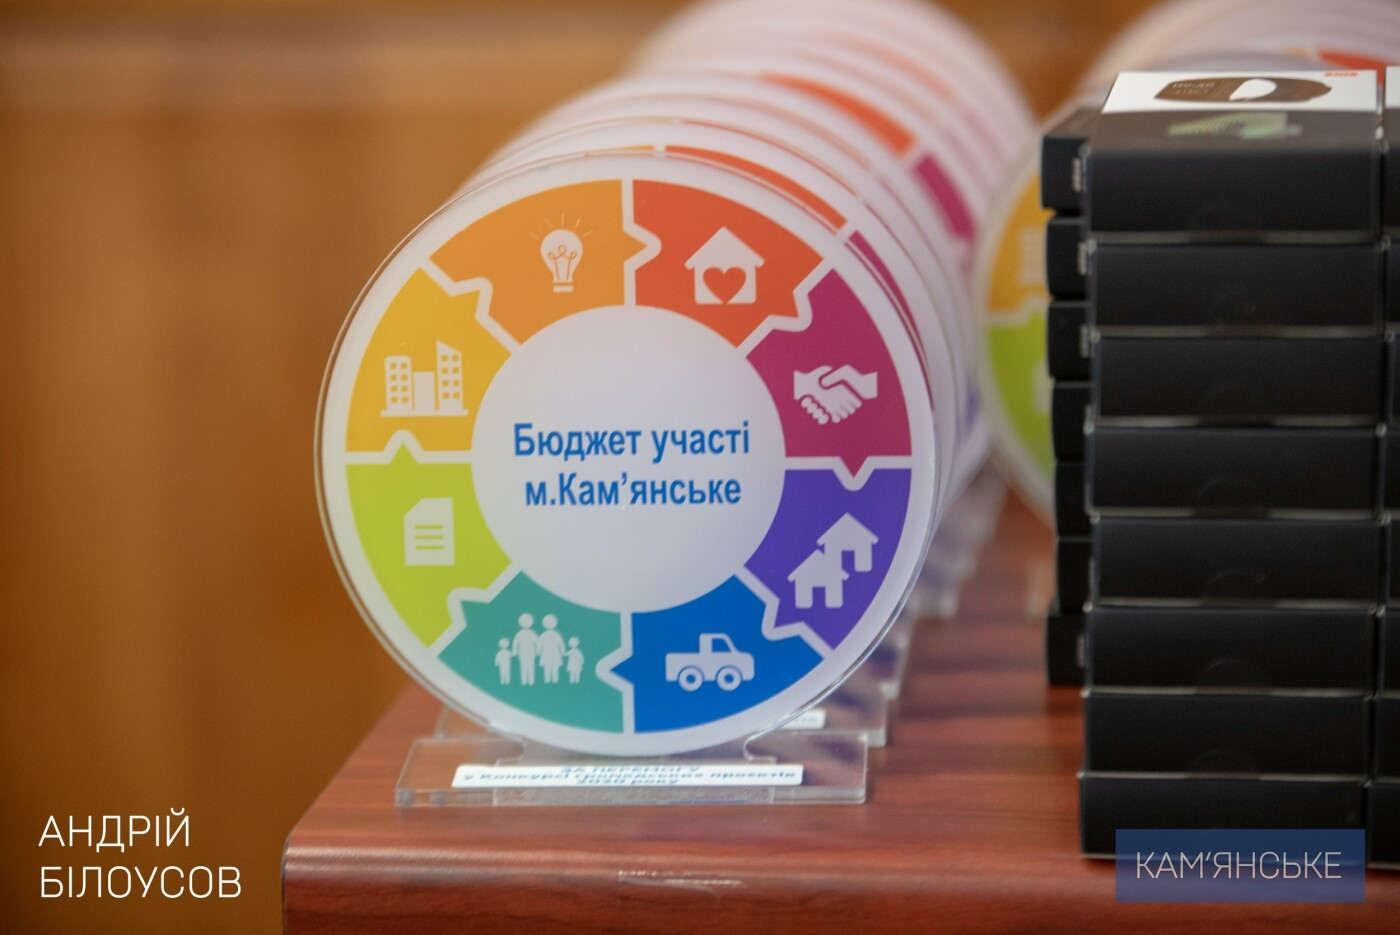 В Каменском наградили победителей «Бюджета участия», фото-2